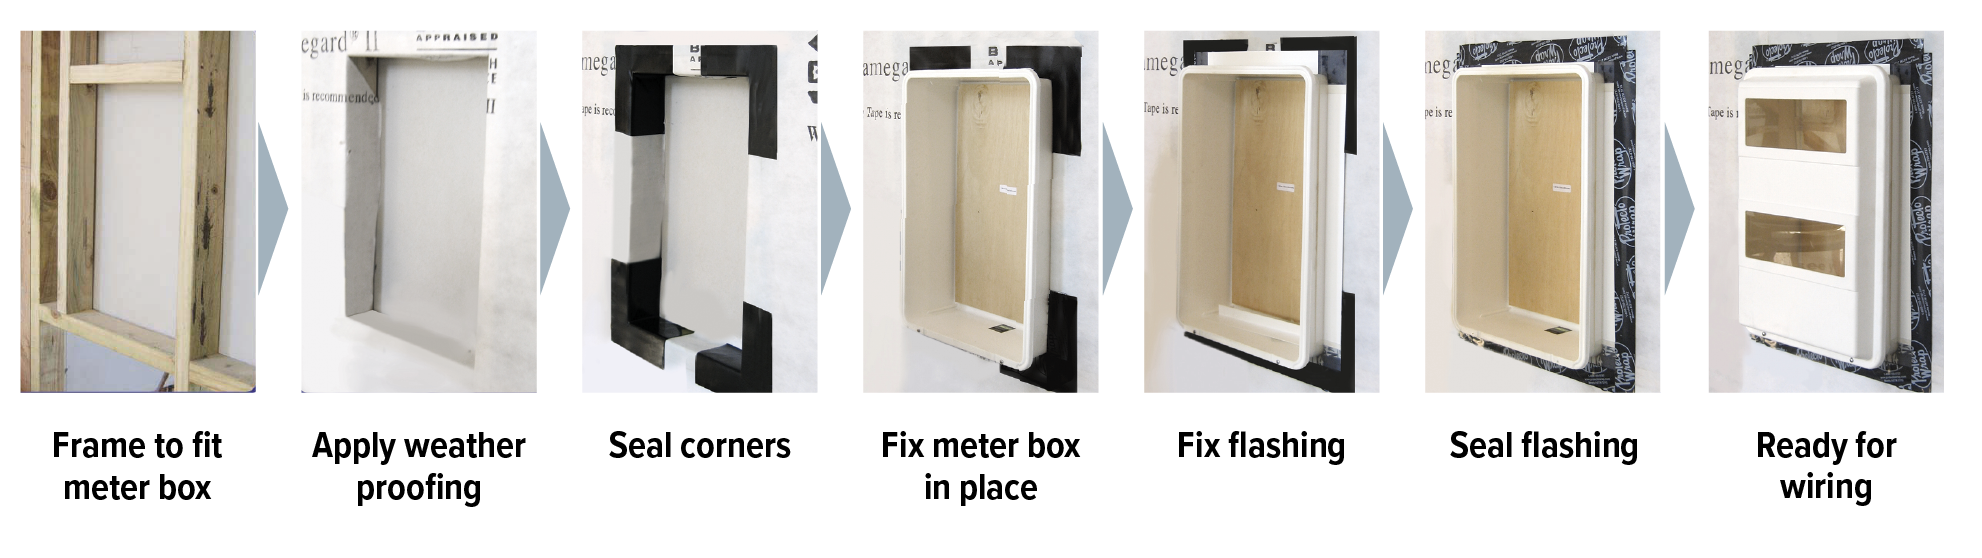 meter-box-flashing-installation